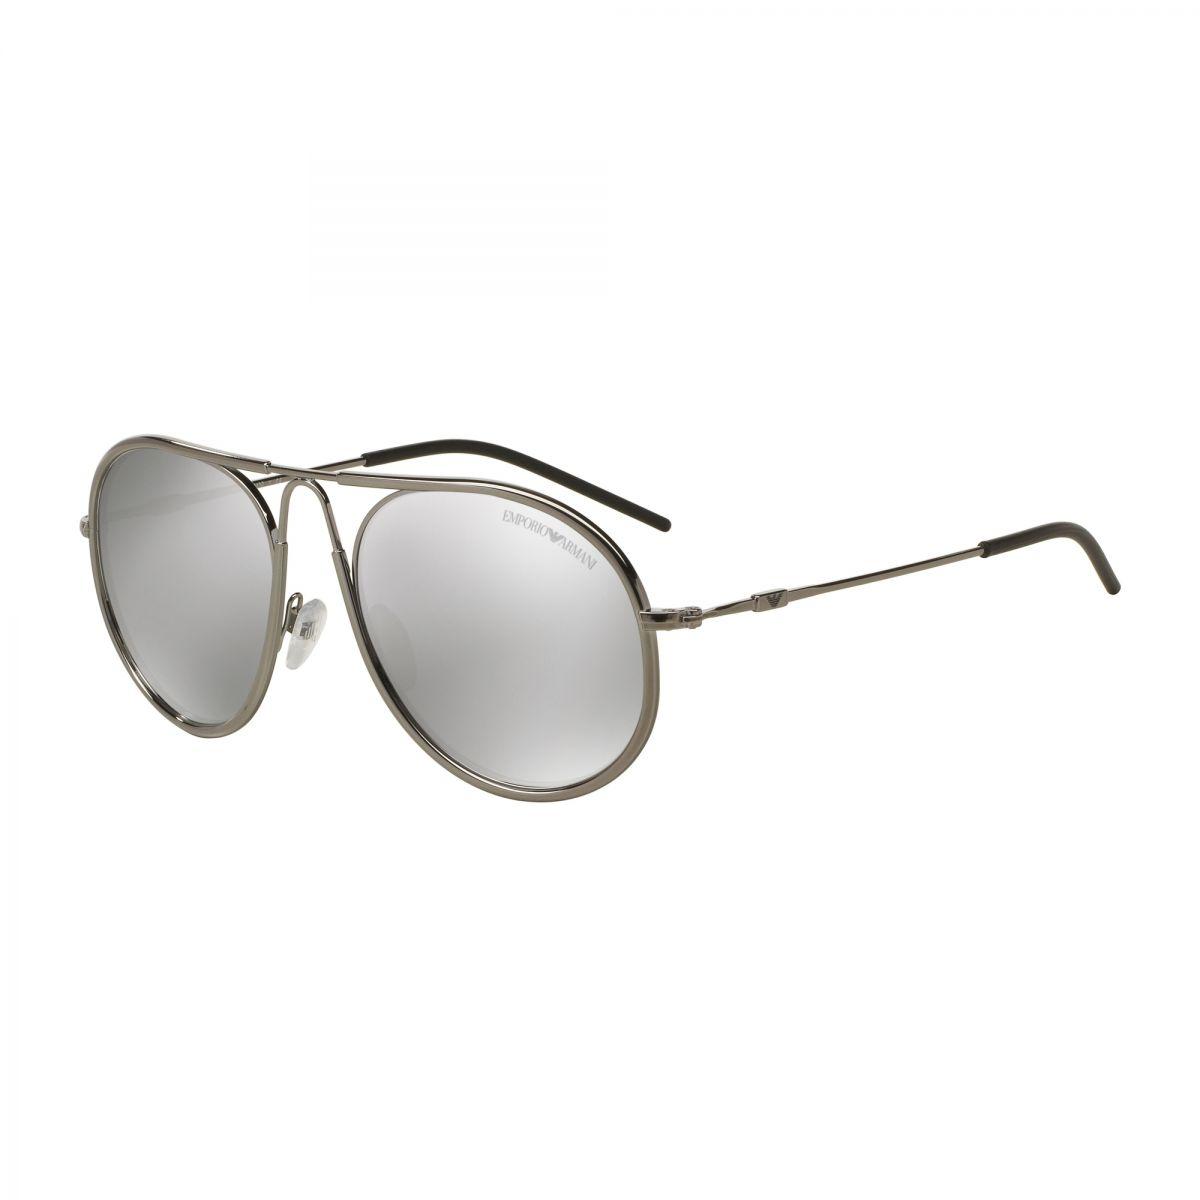 Emporio Armani Herren Sonnenbrille » EA2034«, grau, 30106G - grau/silber